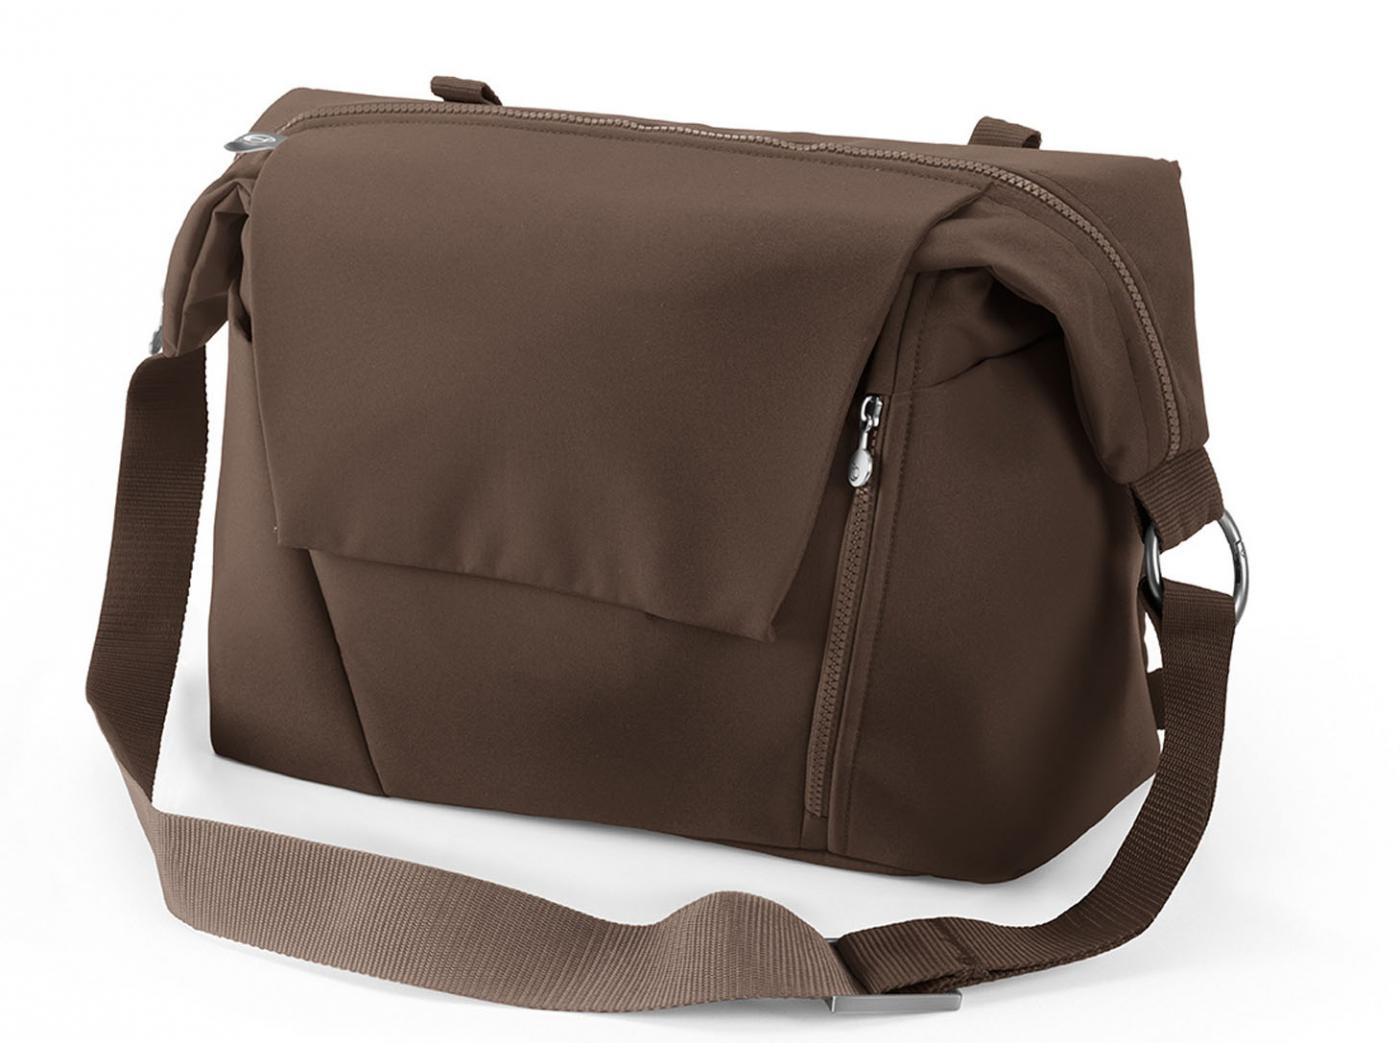 stokke nouveau sac langer marron pour poussette. Black Bedroom Furniture Sets. Home Design Ideas